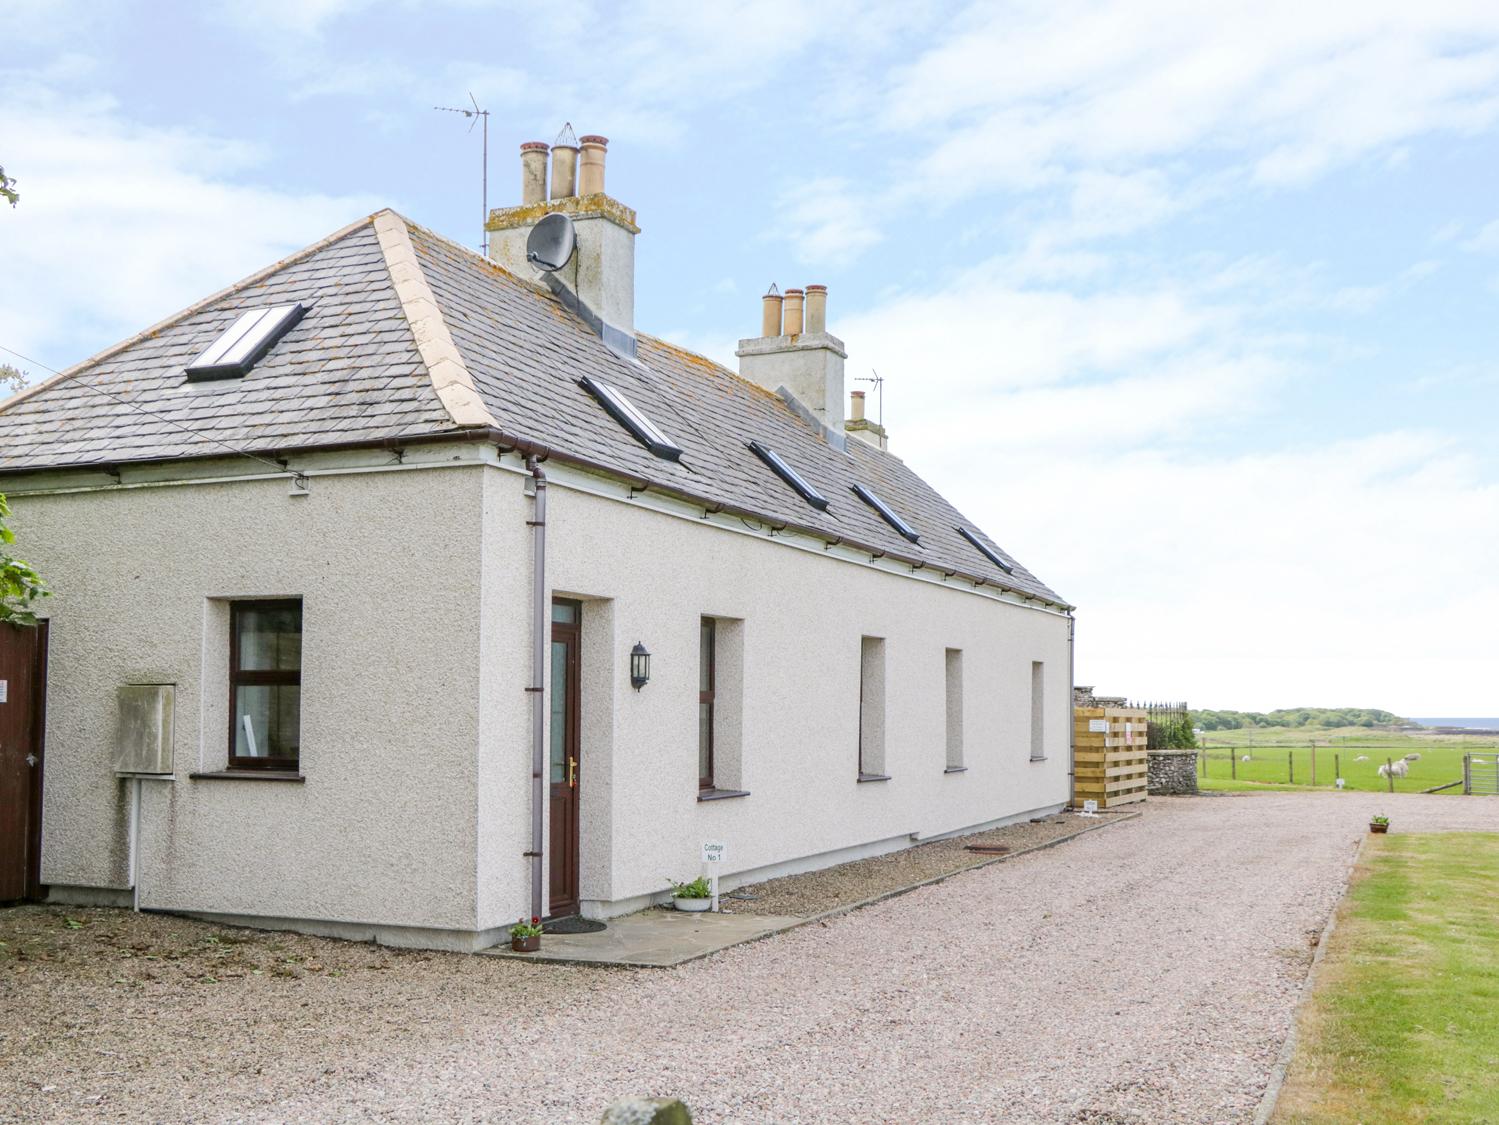 1 Thurdistoft Farm Cottage